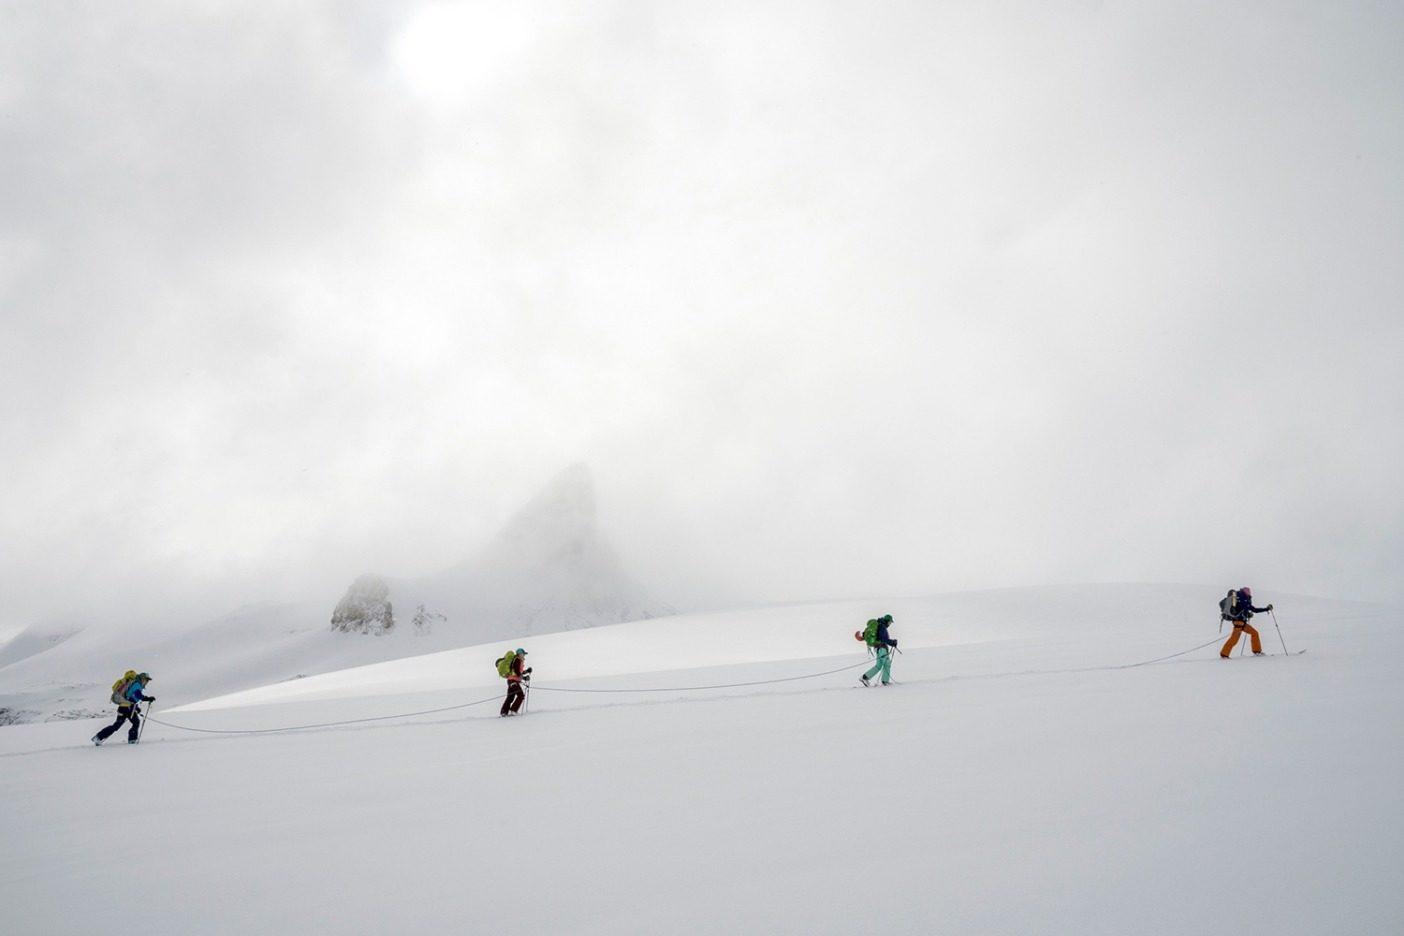 ボウ氷河の高域に向かって登りながら、チームは象徴的であるセント・ニコラス・ピークの下をトラバースする。数日間の嵐の後、雲が薄くなり始め、山は姿を隠していた覆いを外した。若々しい「スキー大好き人間」がすぐにスキーラインを見つけ出すだろうと私たちには分かっていた。Photo:Kennan Harvey